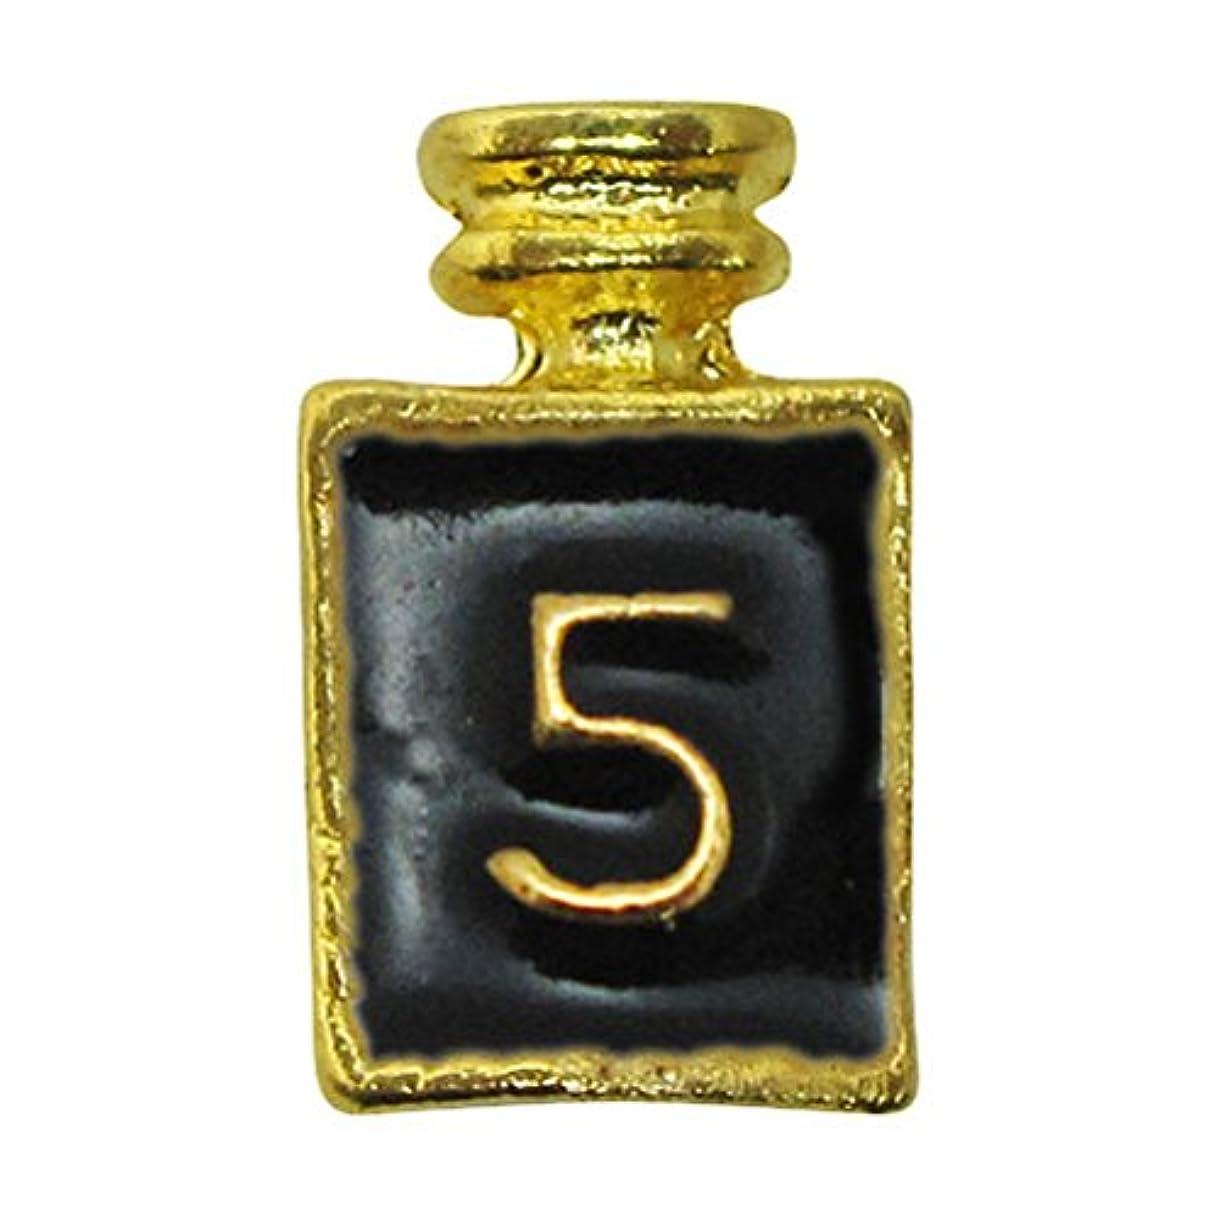 セブン呼吸天文学サンシャインベビー ジェルネイル コロン No.5 ブラック 2P